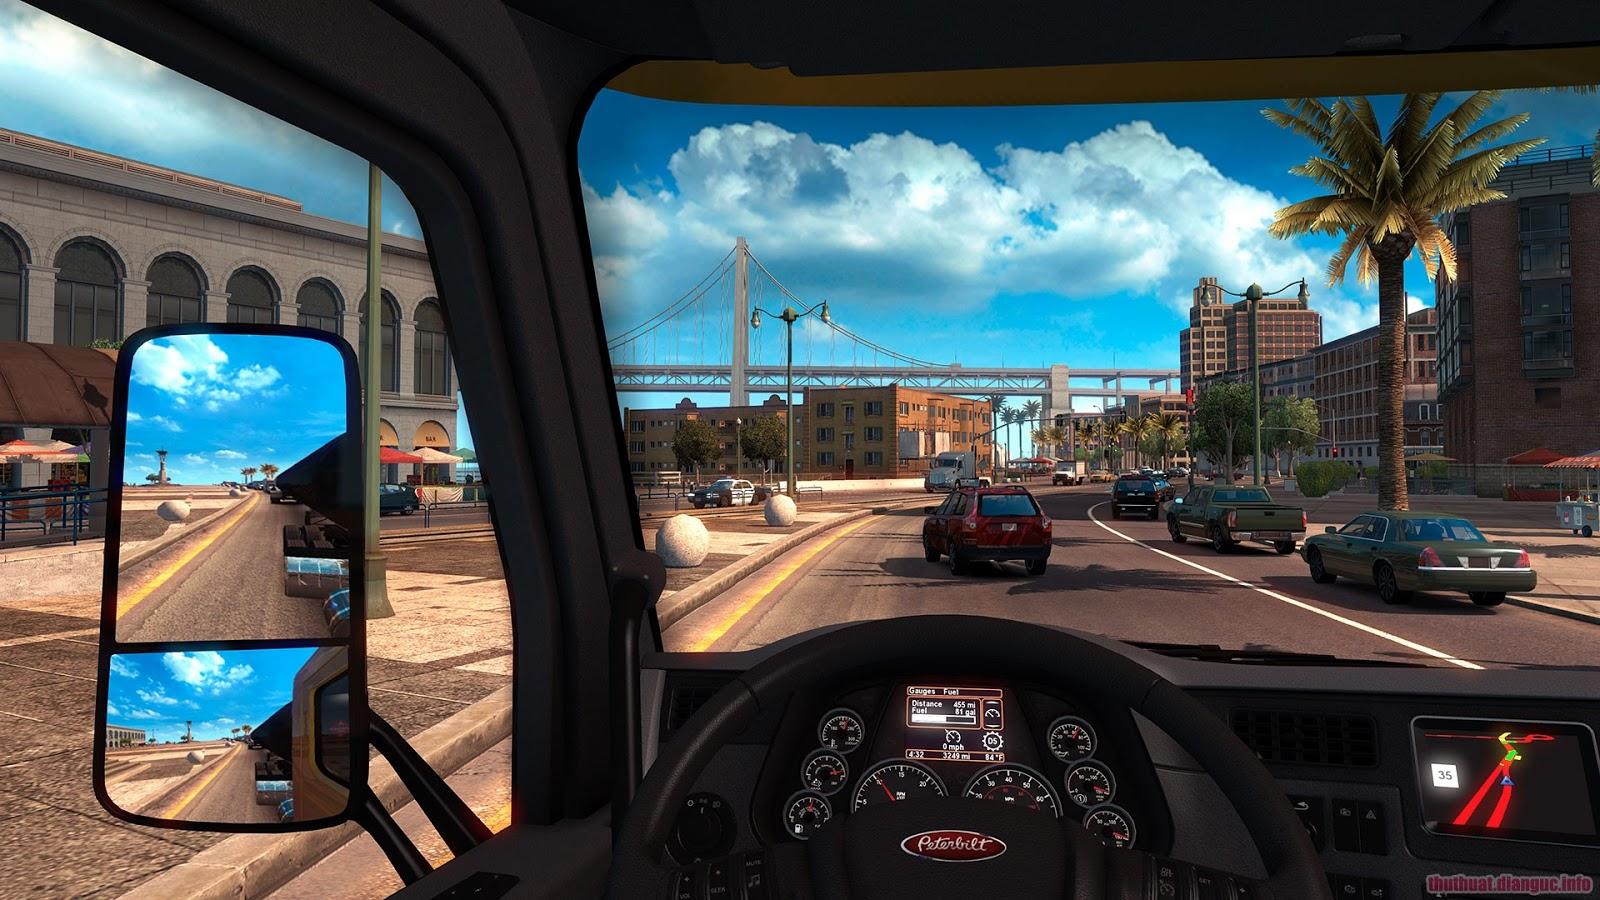 Tổng Hợp Link Download Game American Truck Simulator Full Version, American Truck Simulator tất cả các phiên bản, Tổng Hợp Link Download Game American Truck Simulator Full Version, Download Game American Truck Simulator tất cả các phiên bản, American Truck Simulator Release Full Version, game ATS free download